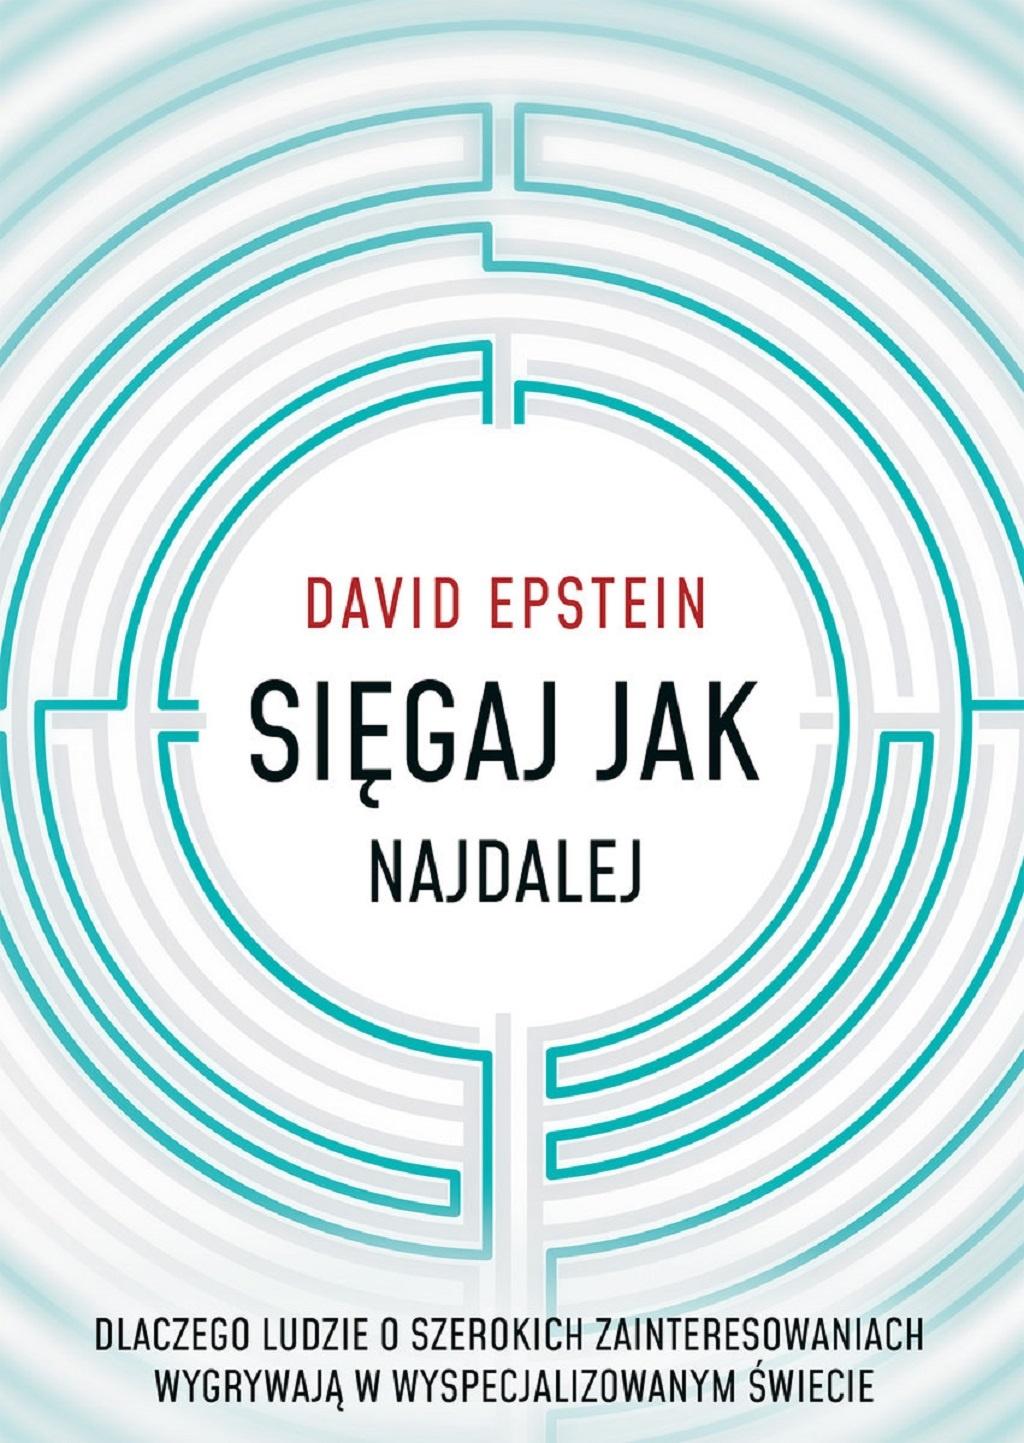 David Epstein – Sięgaj jak najdalej. Dlaczego ludzie o szerokich zainteresowaniach wygrywają w wyspecjalizowanym świecie